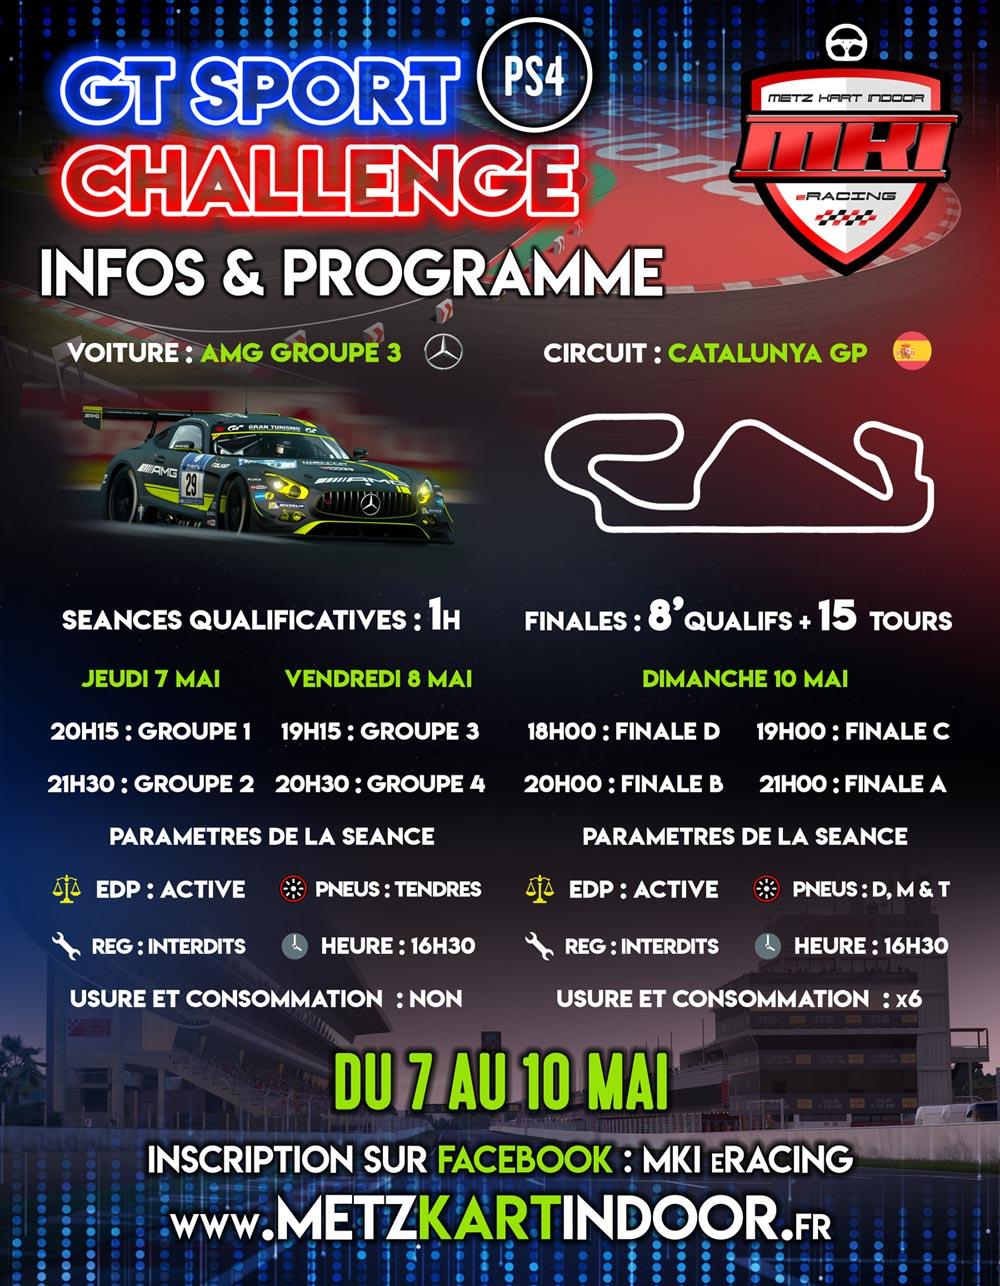 metz kart indoor - GT SPORT CHALLENGE - MKi - eKart